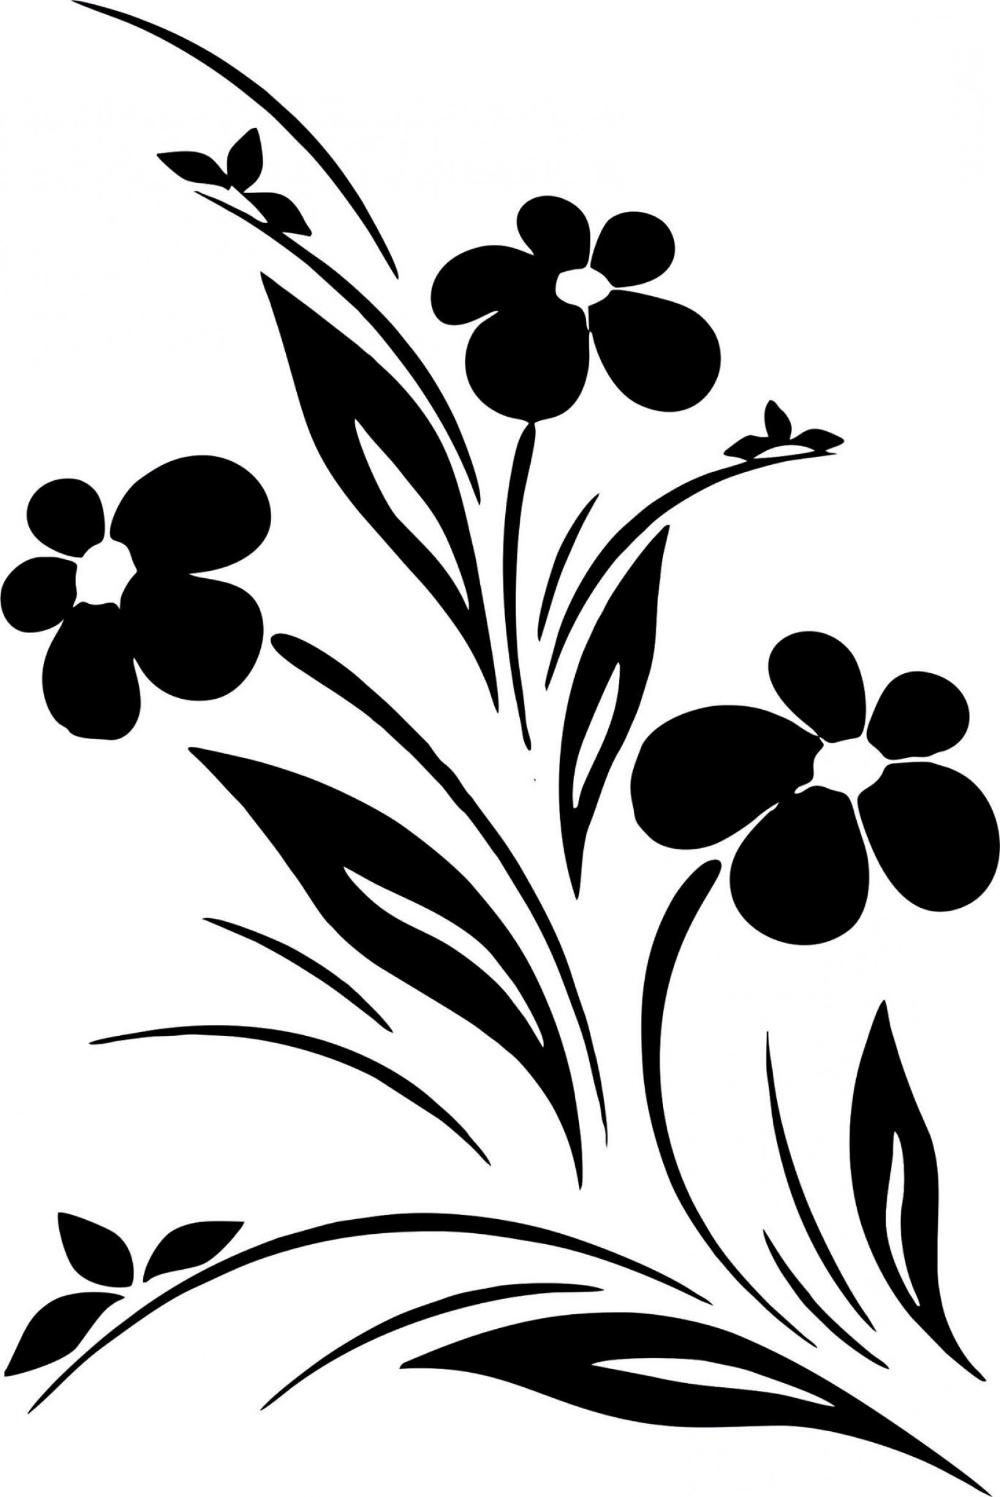 Flower Designs Black White Vector Art Vector flowers